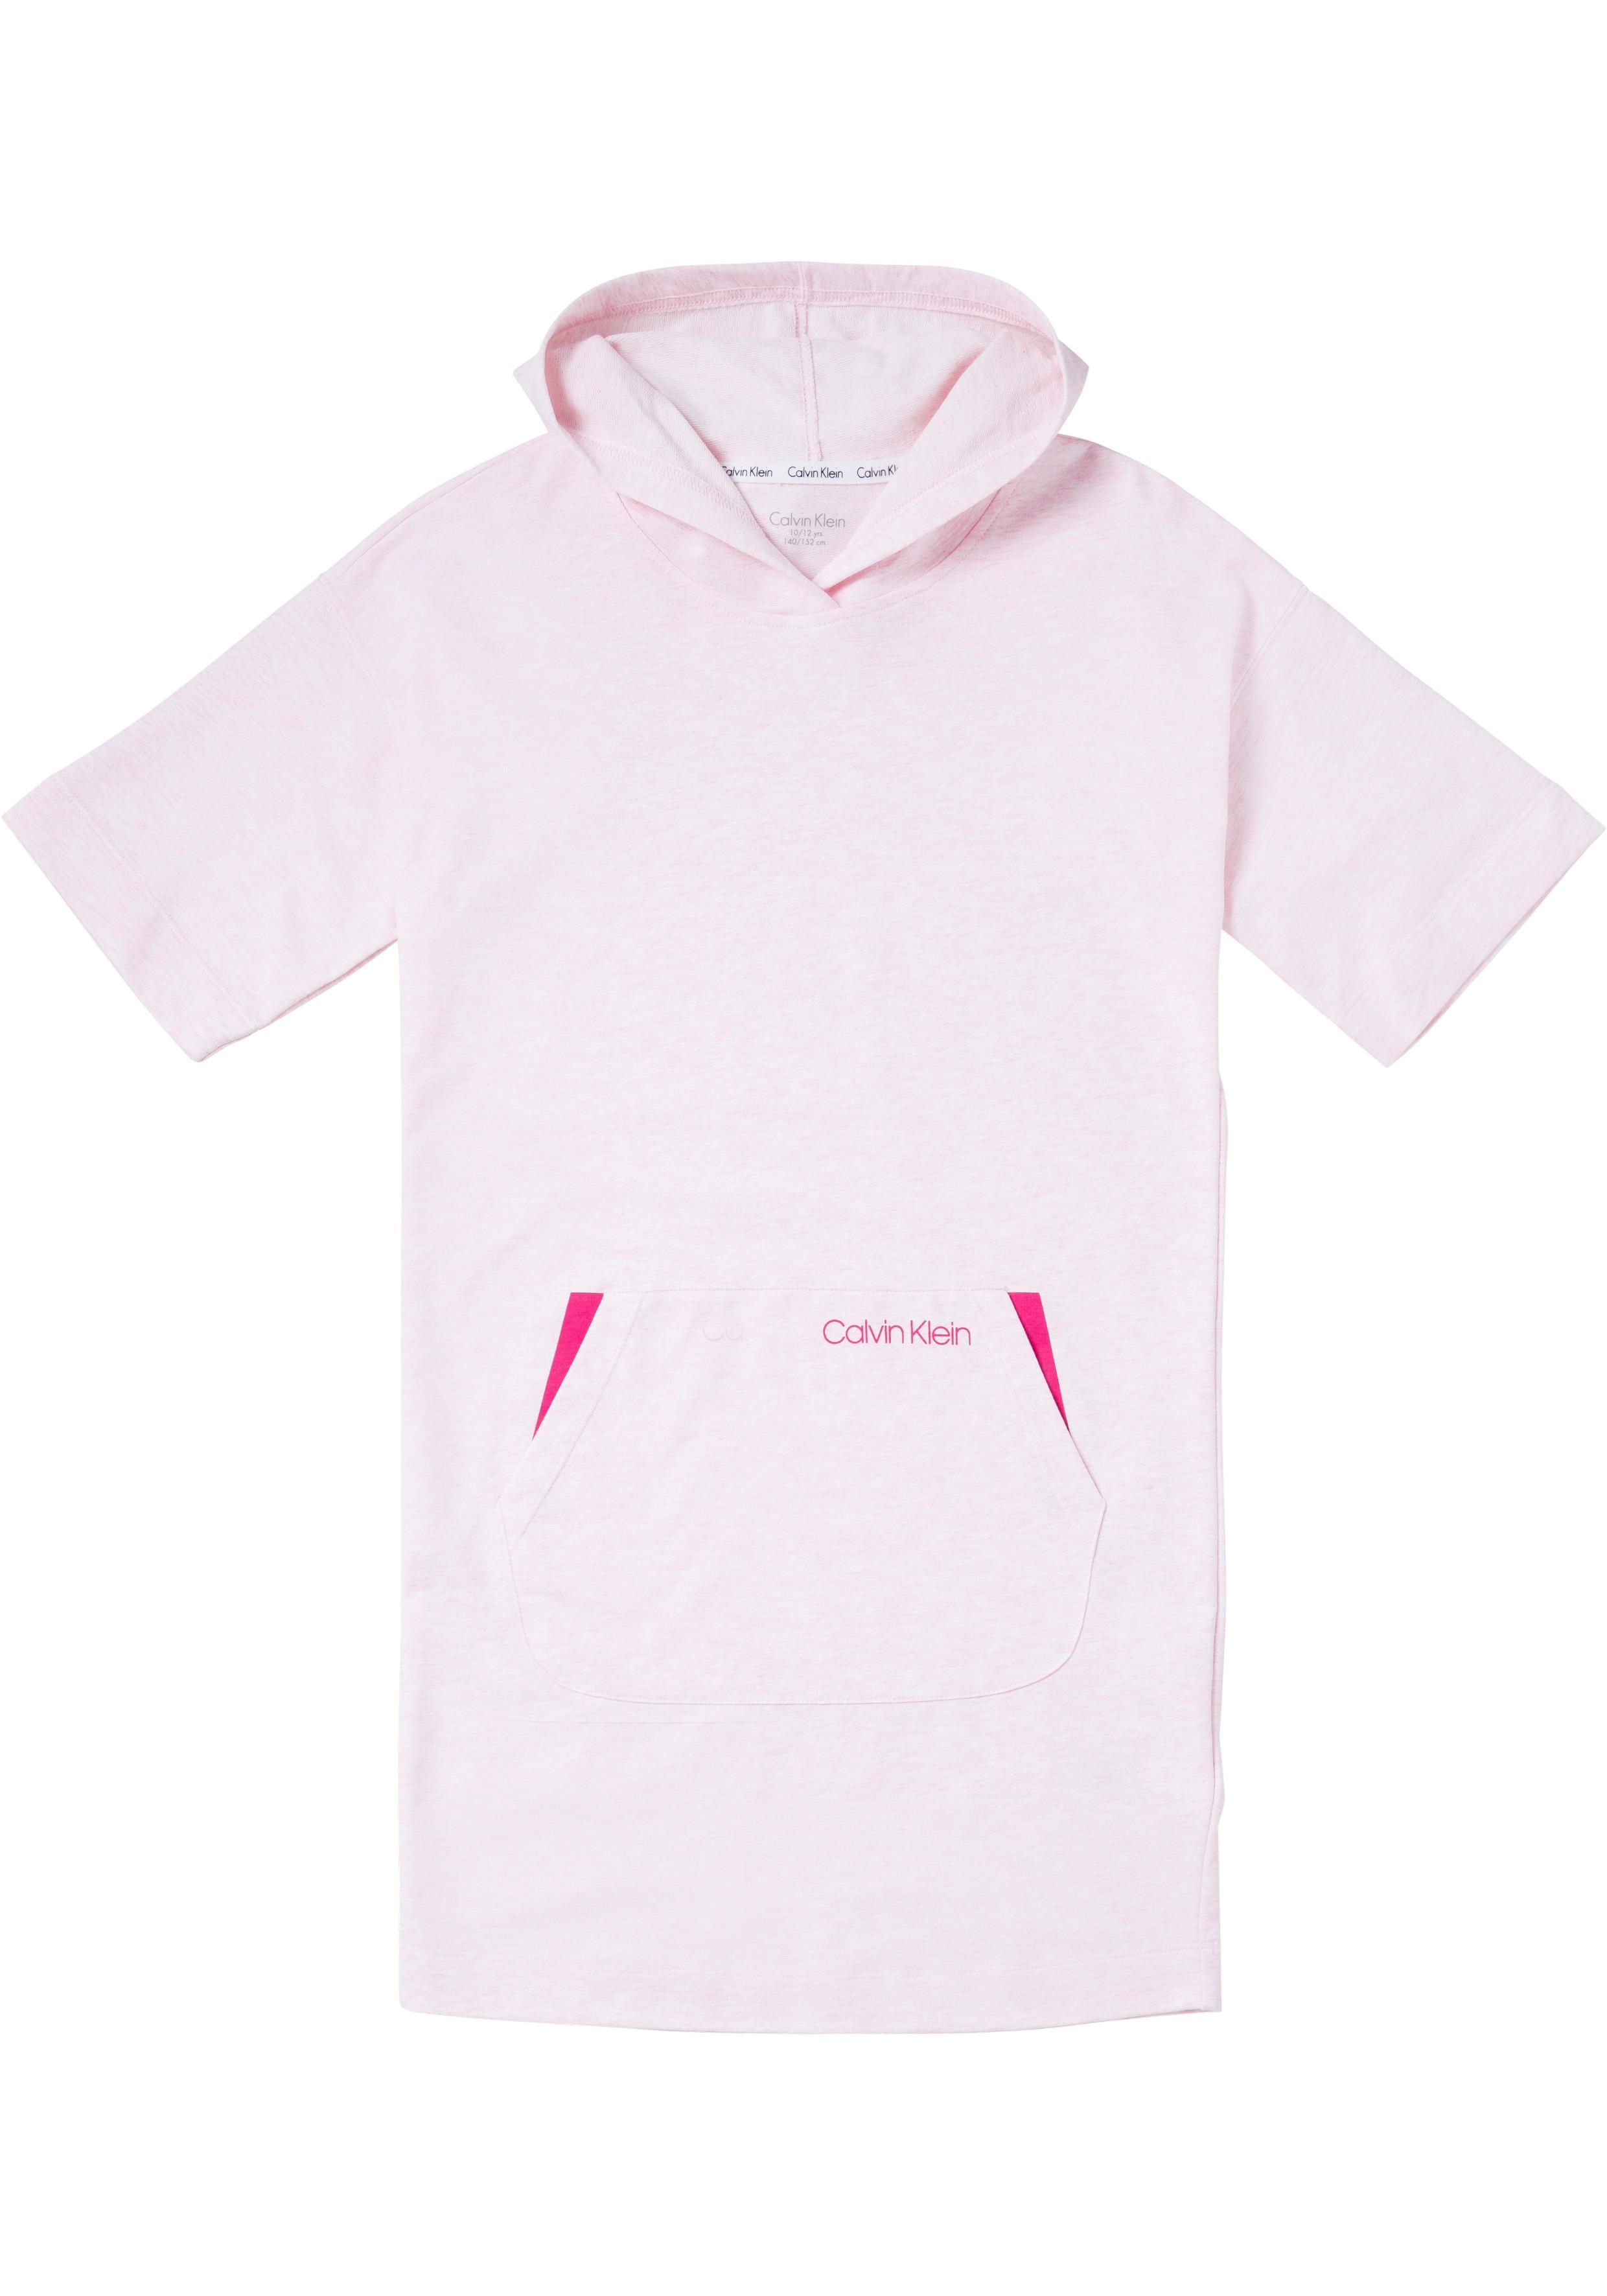 Calvin Klein Shirtkleid MODERN COTTON für Mädchen